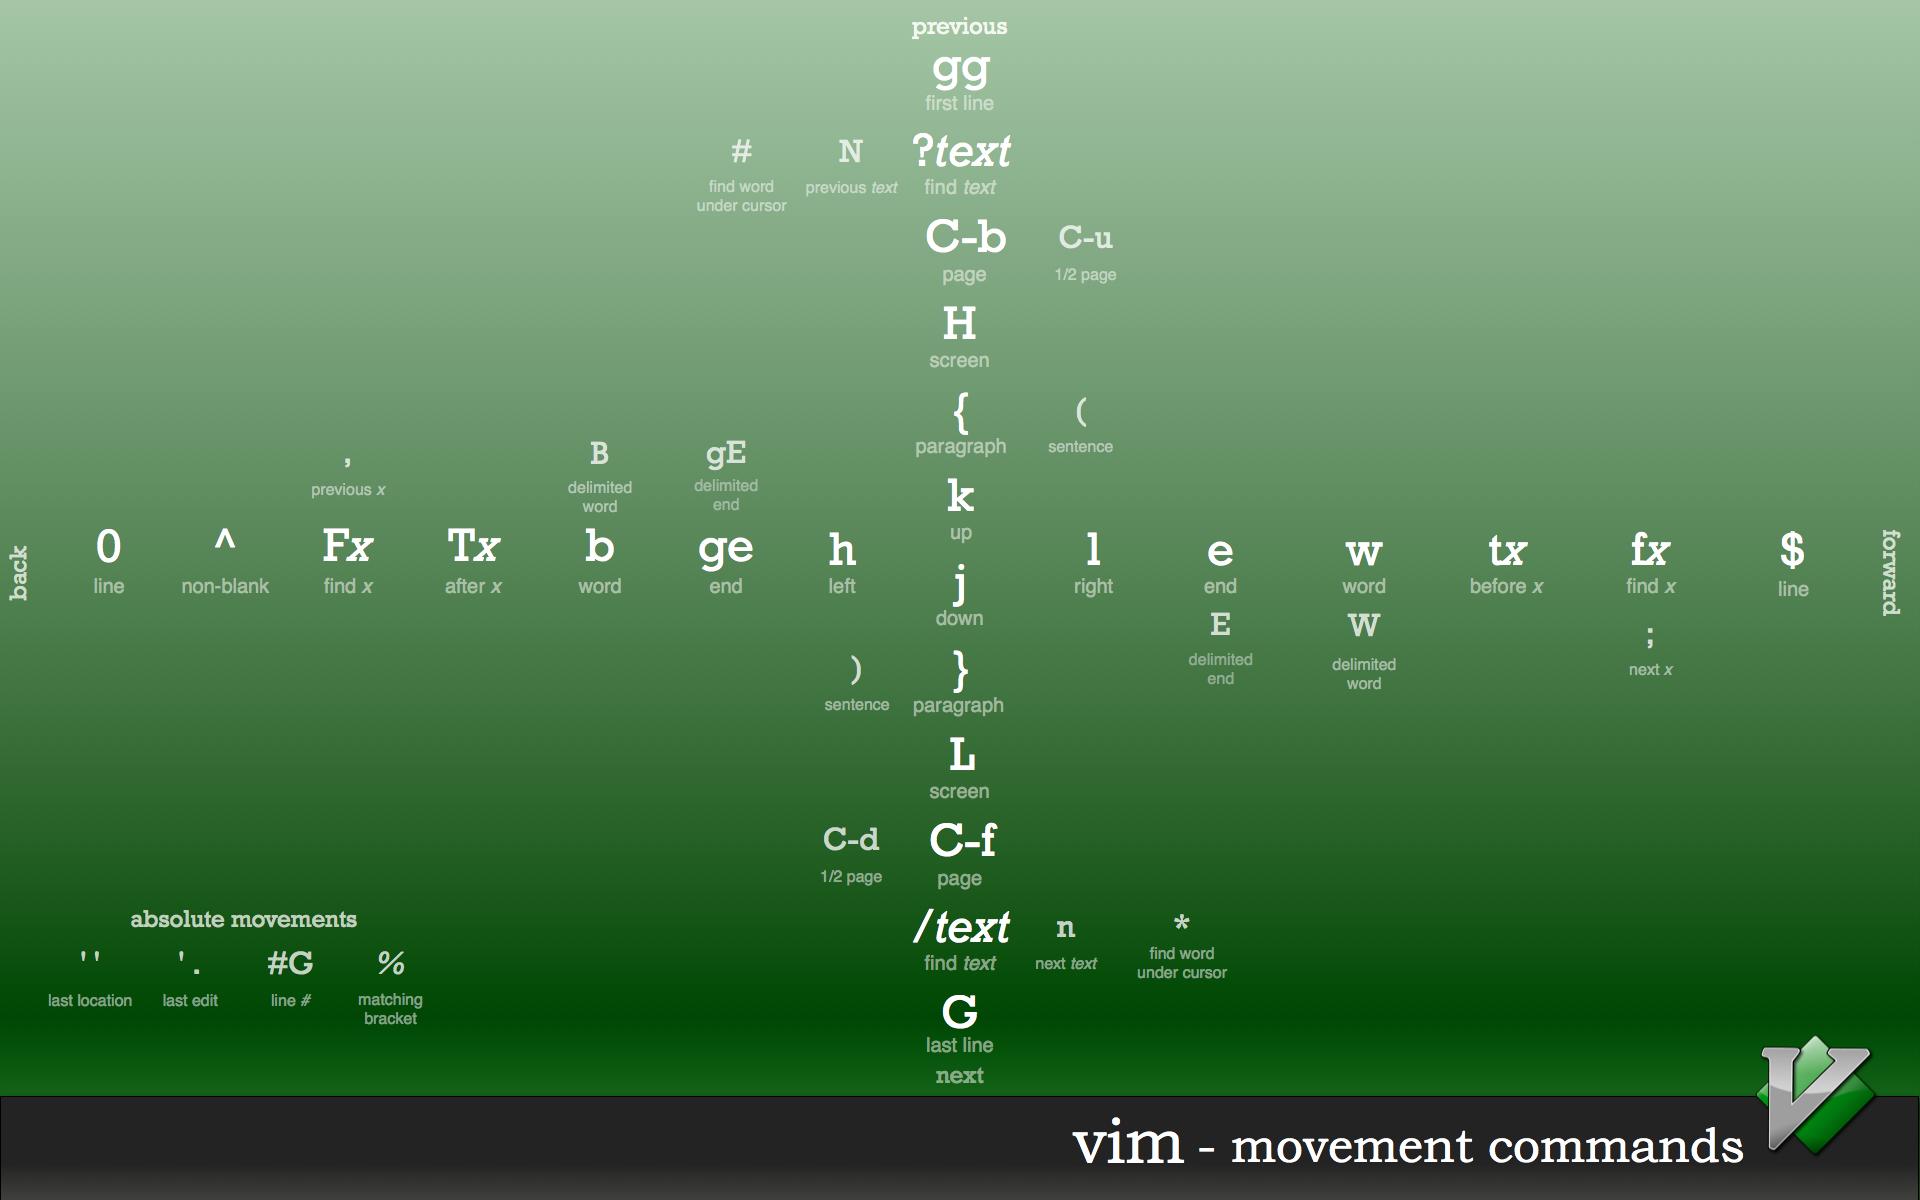 Vim Shortcuts Wallpaper